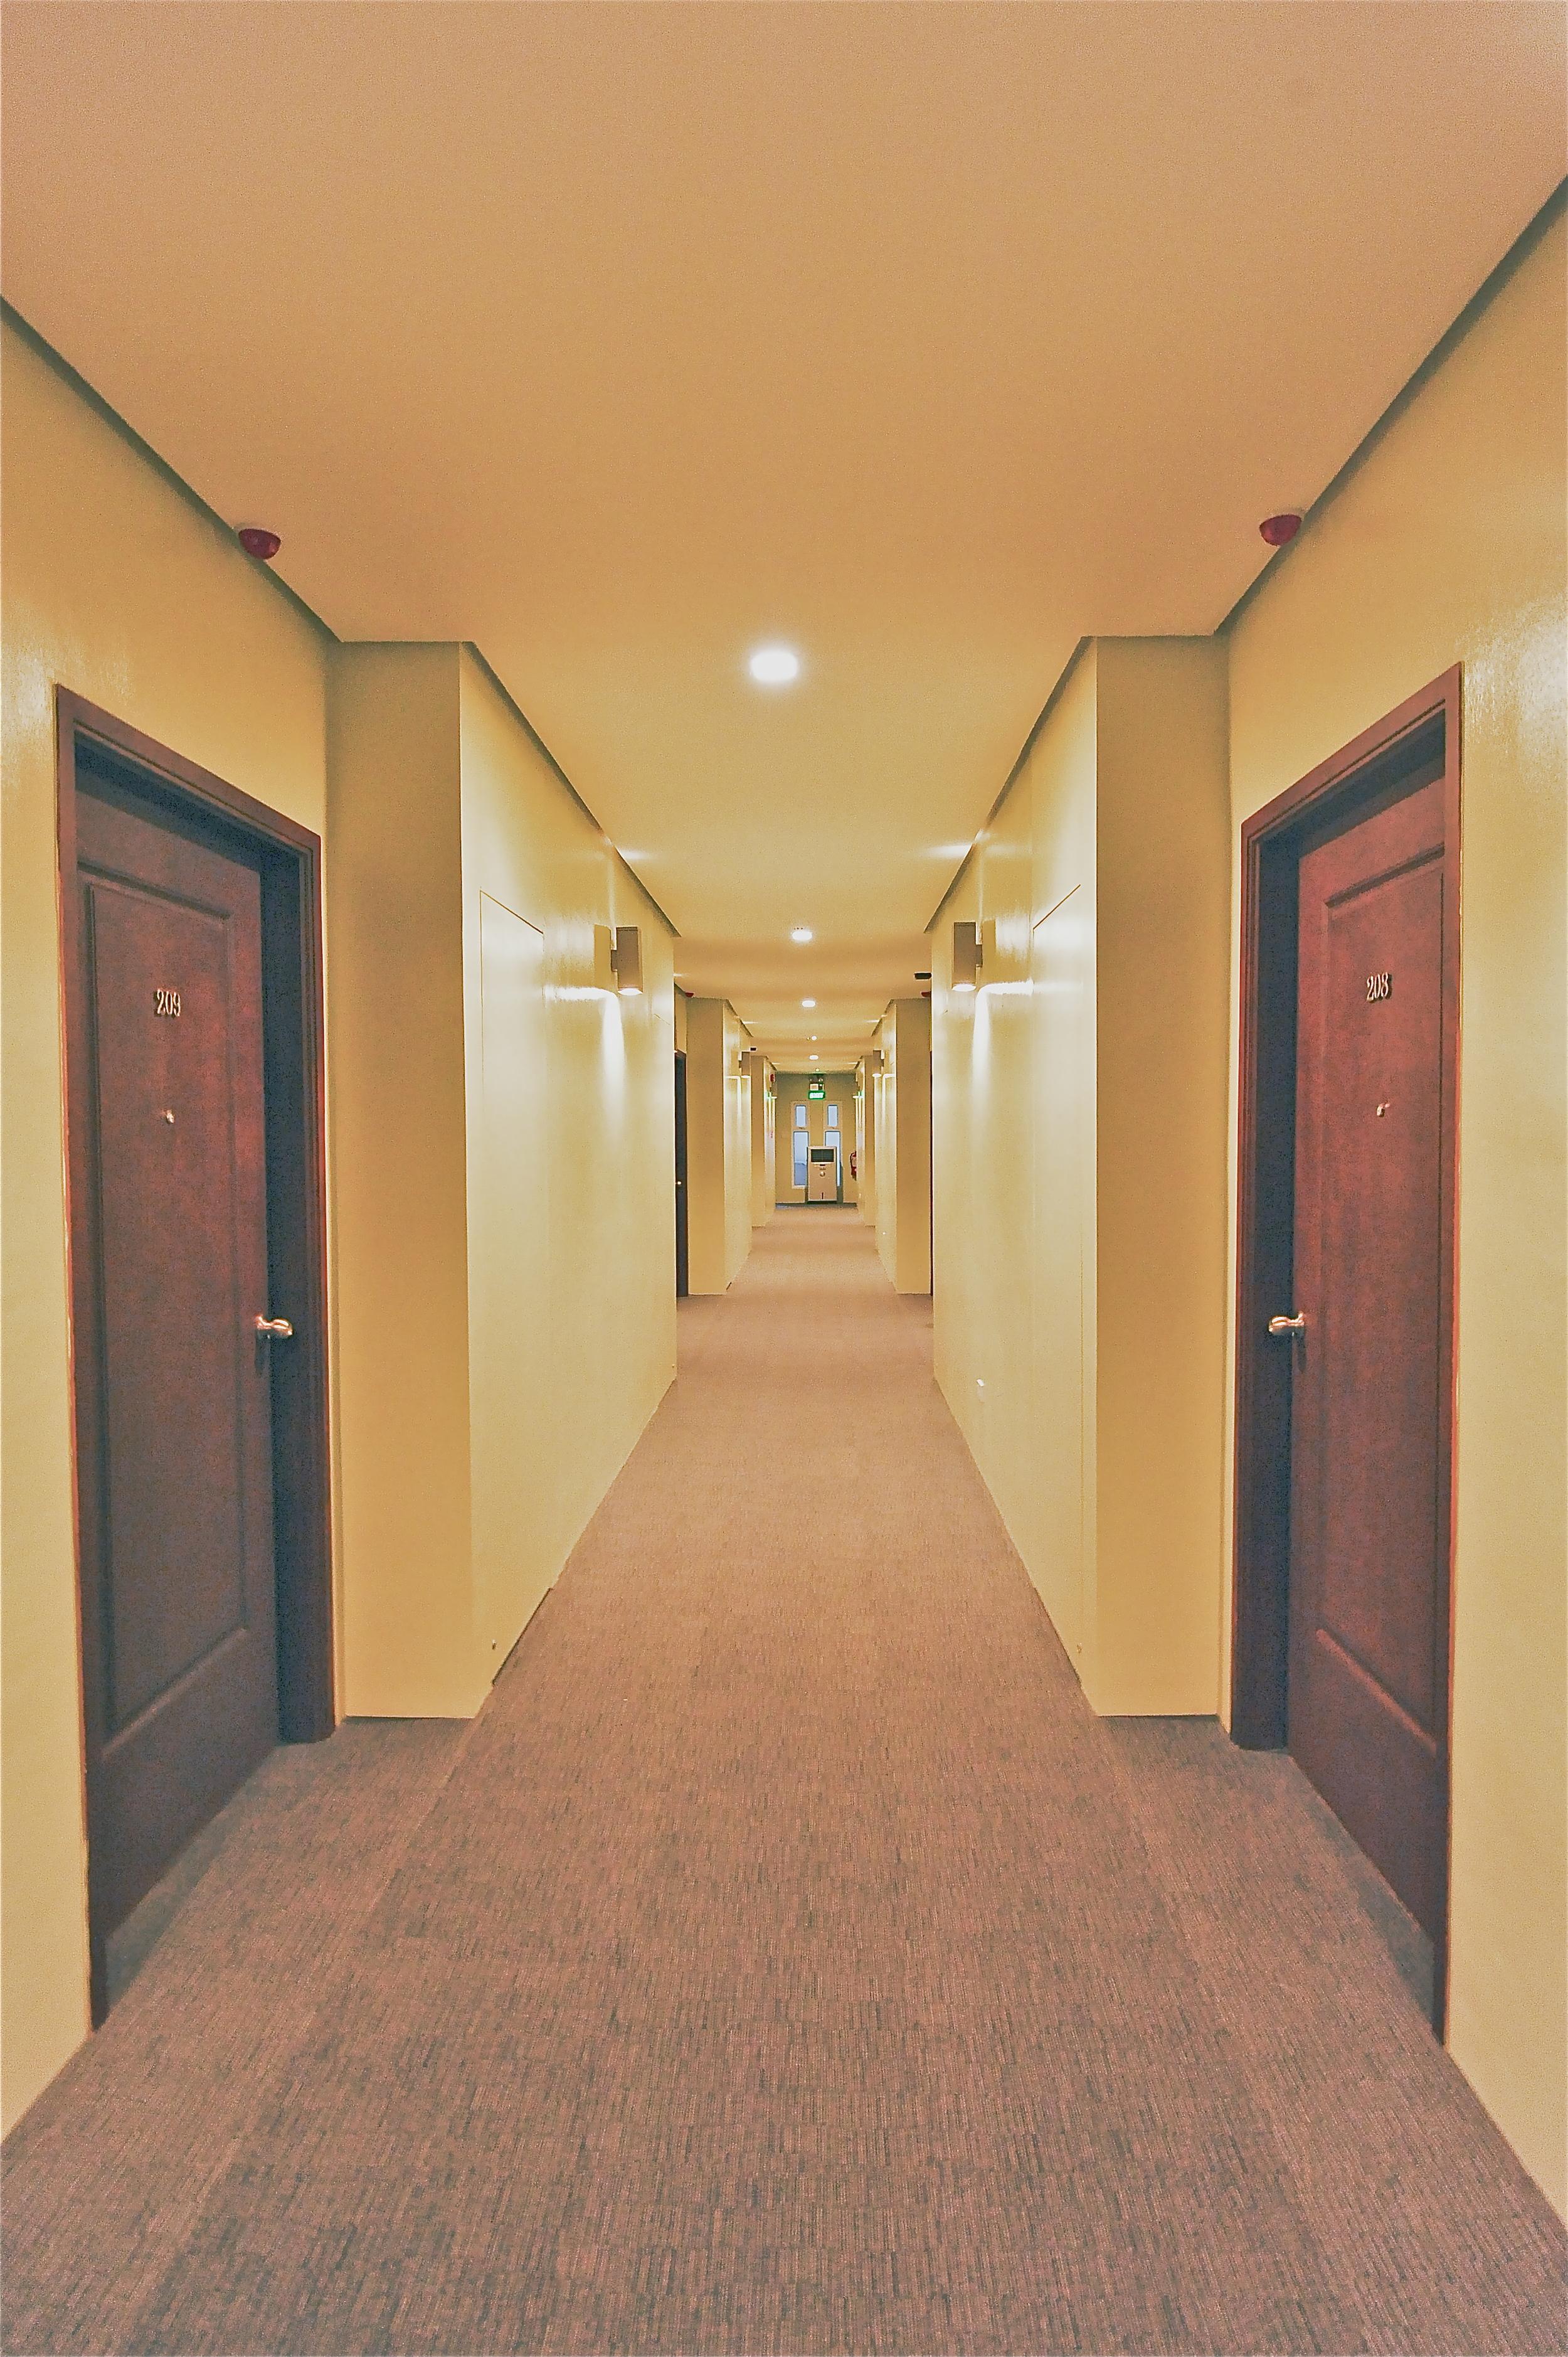 Casablance Suites - hallway.jpg